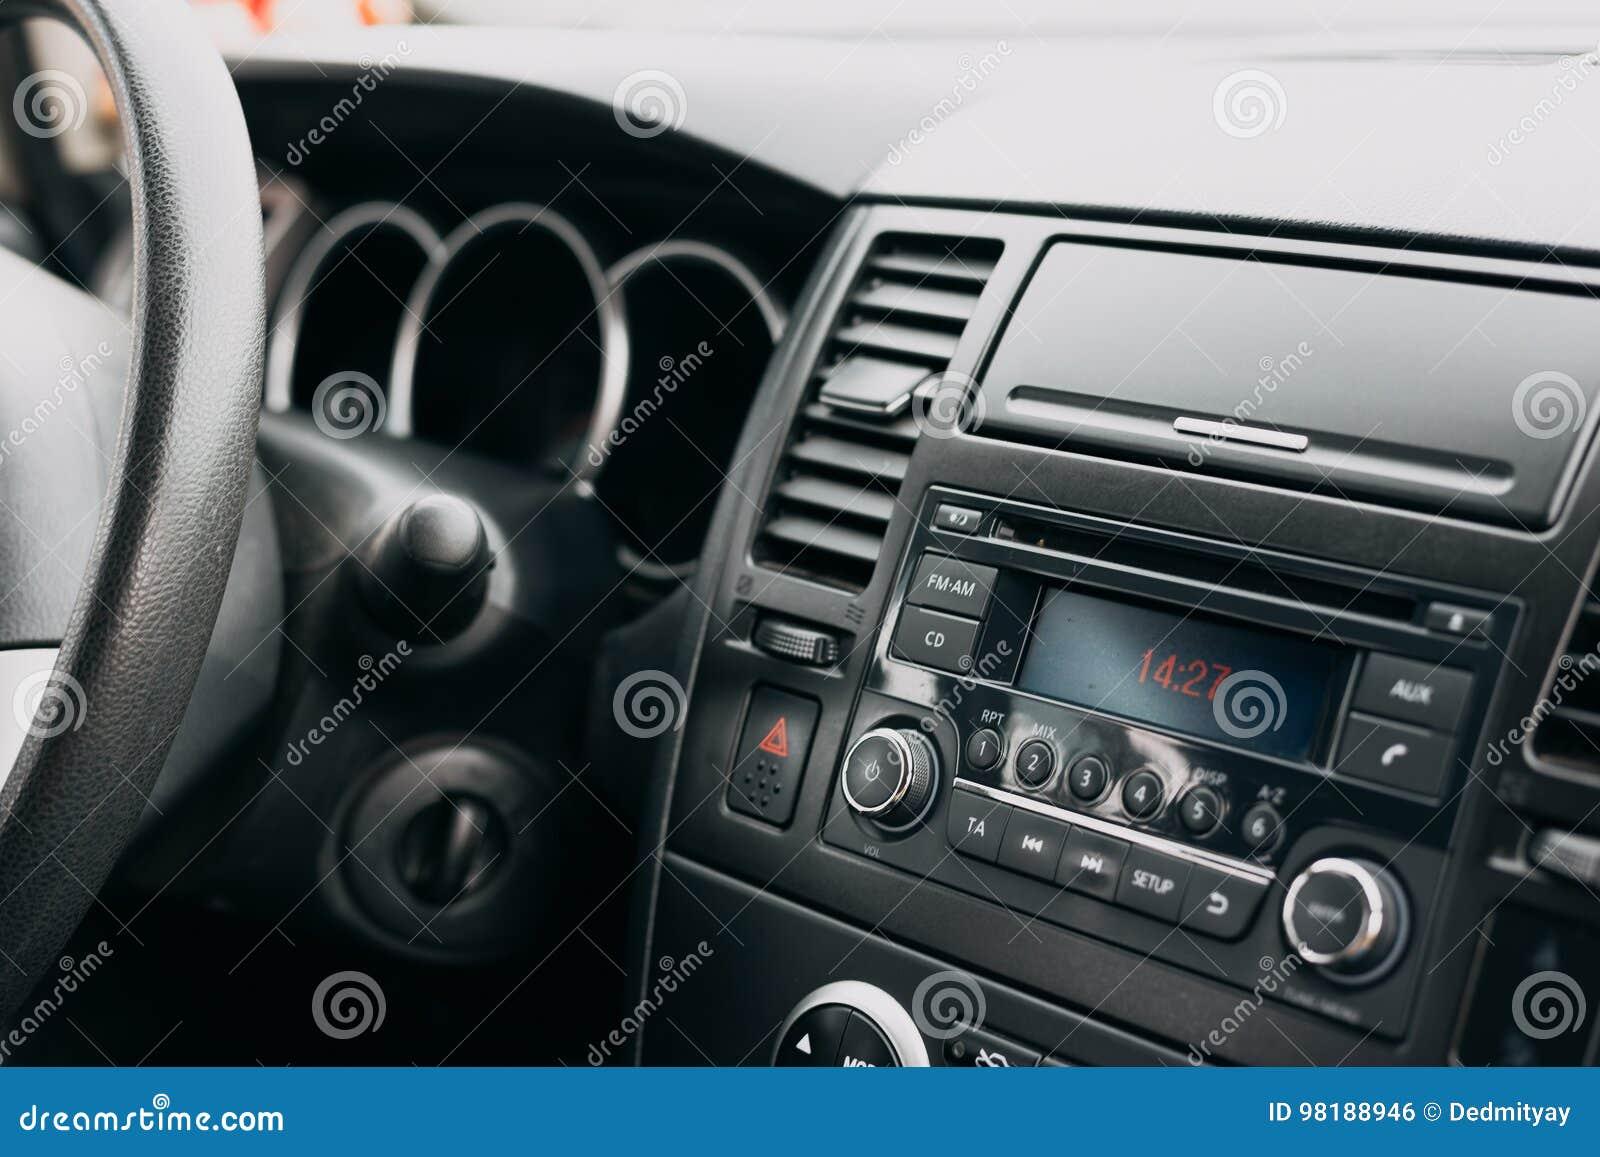 Интерьер автомобиля, пульт управления, приборная панель, система радио